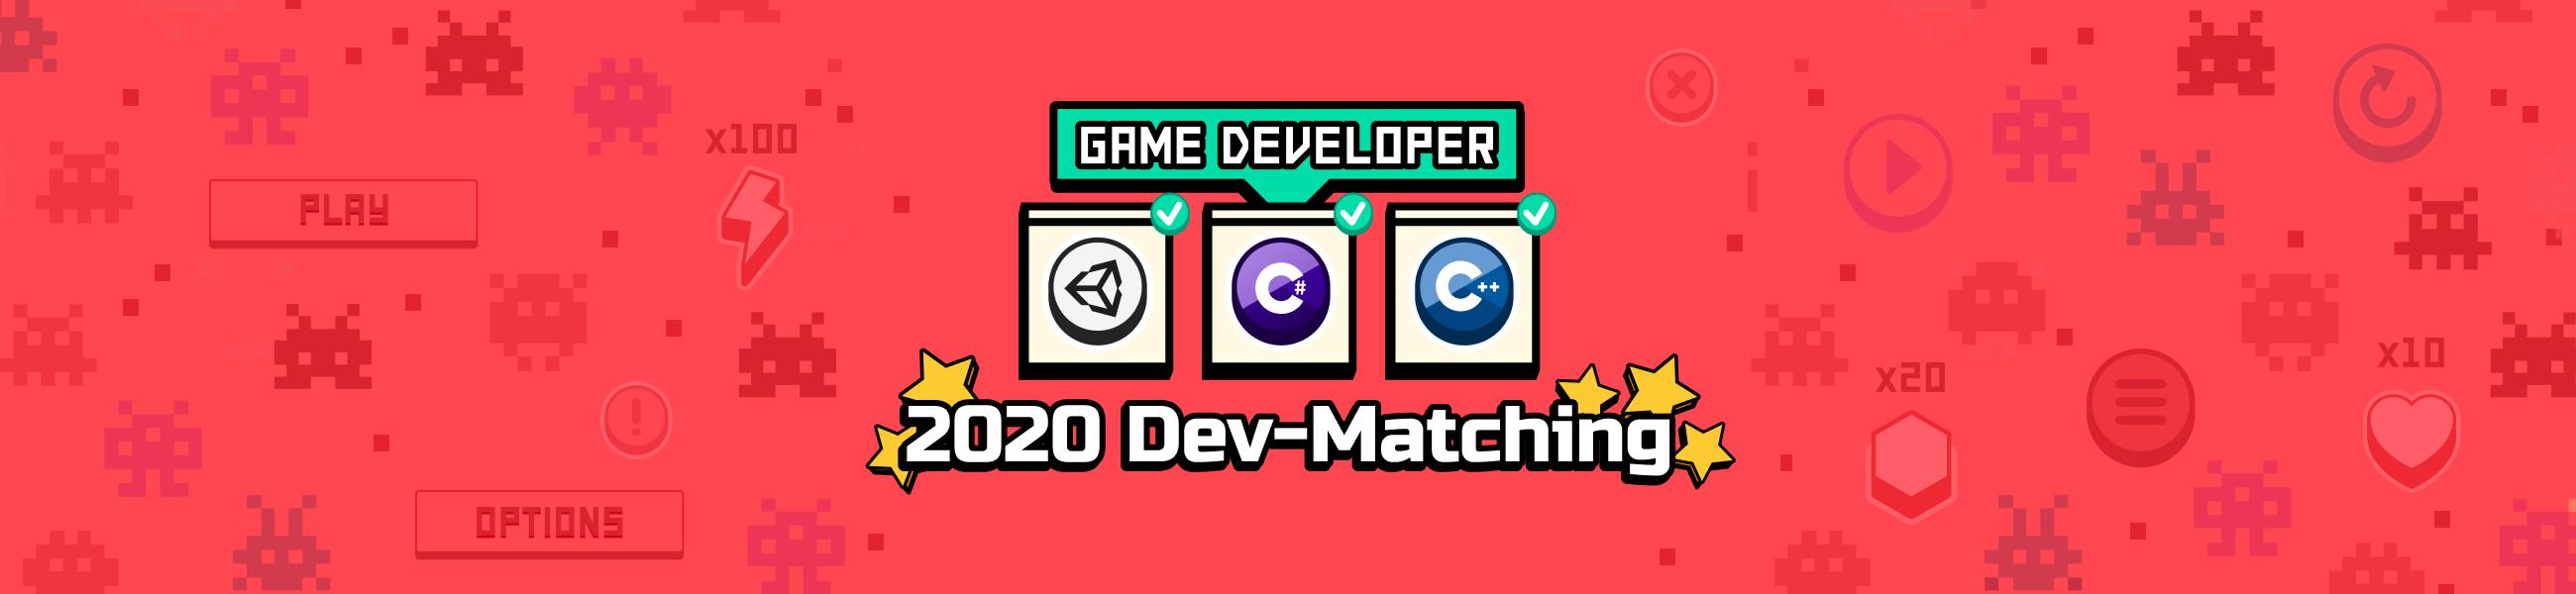 2020 Dev-Matching: 게임 개발자의 이미지